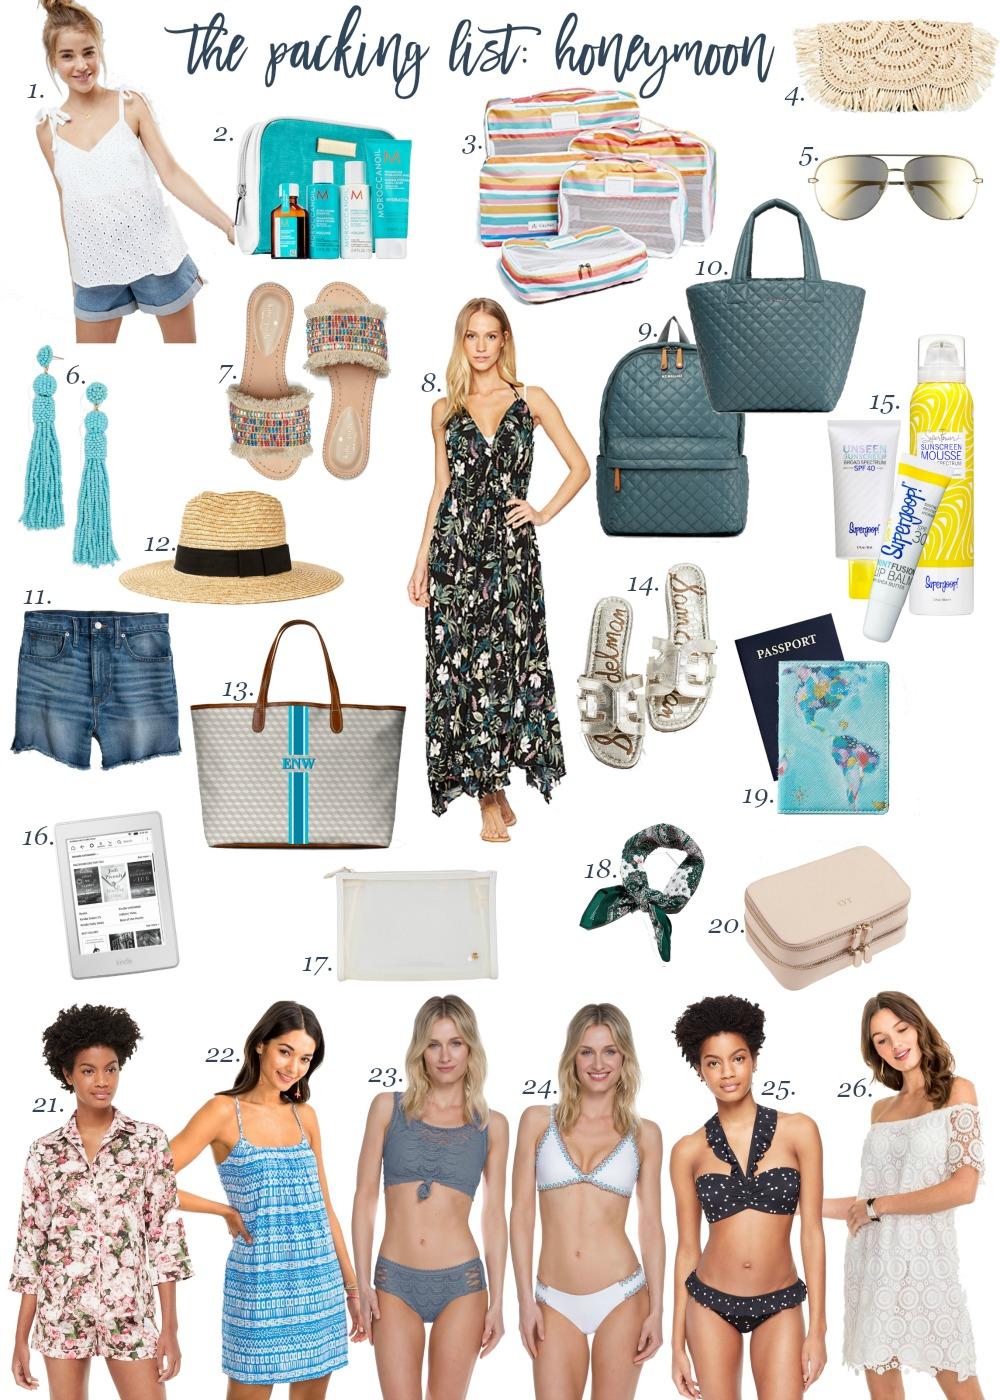 honeymoon packing list